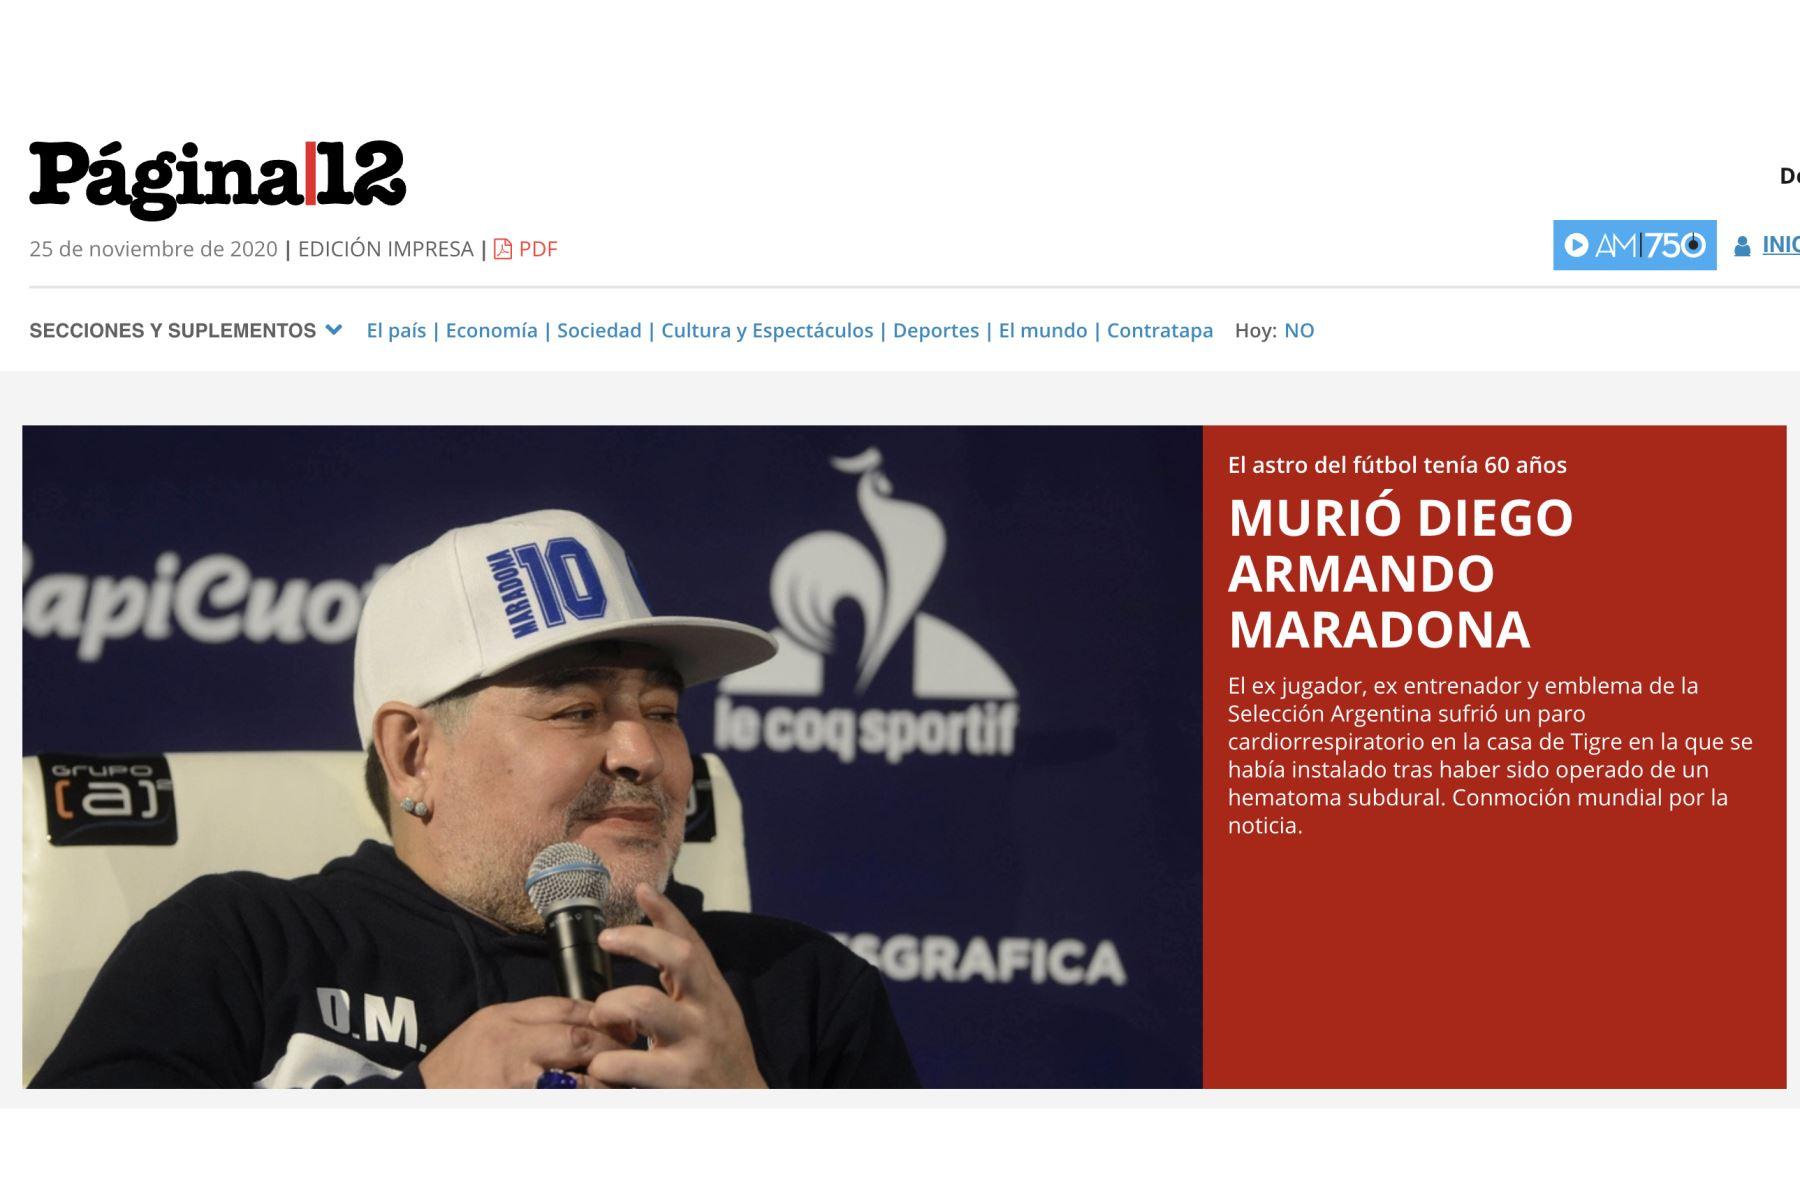 Diario El ClarínAsí informa la prensa mundial la muerte de Diego Armando Maradona. Página 12.